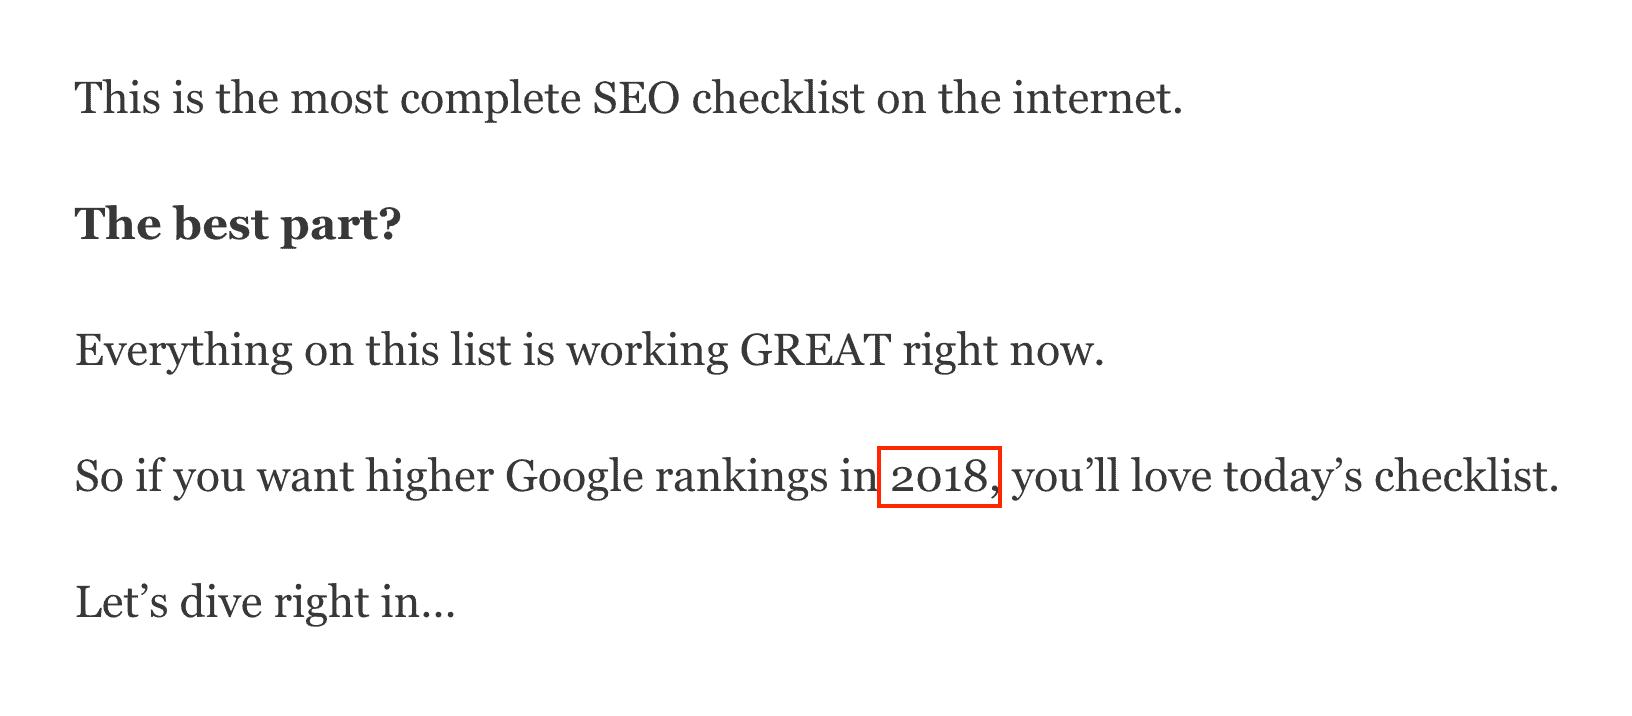 SEO Checklist year in intro